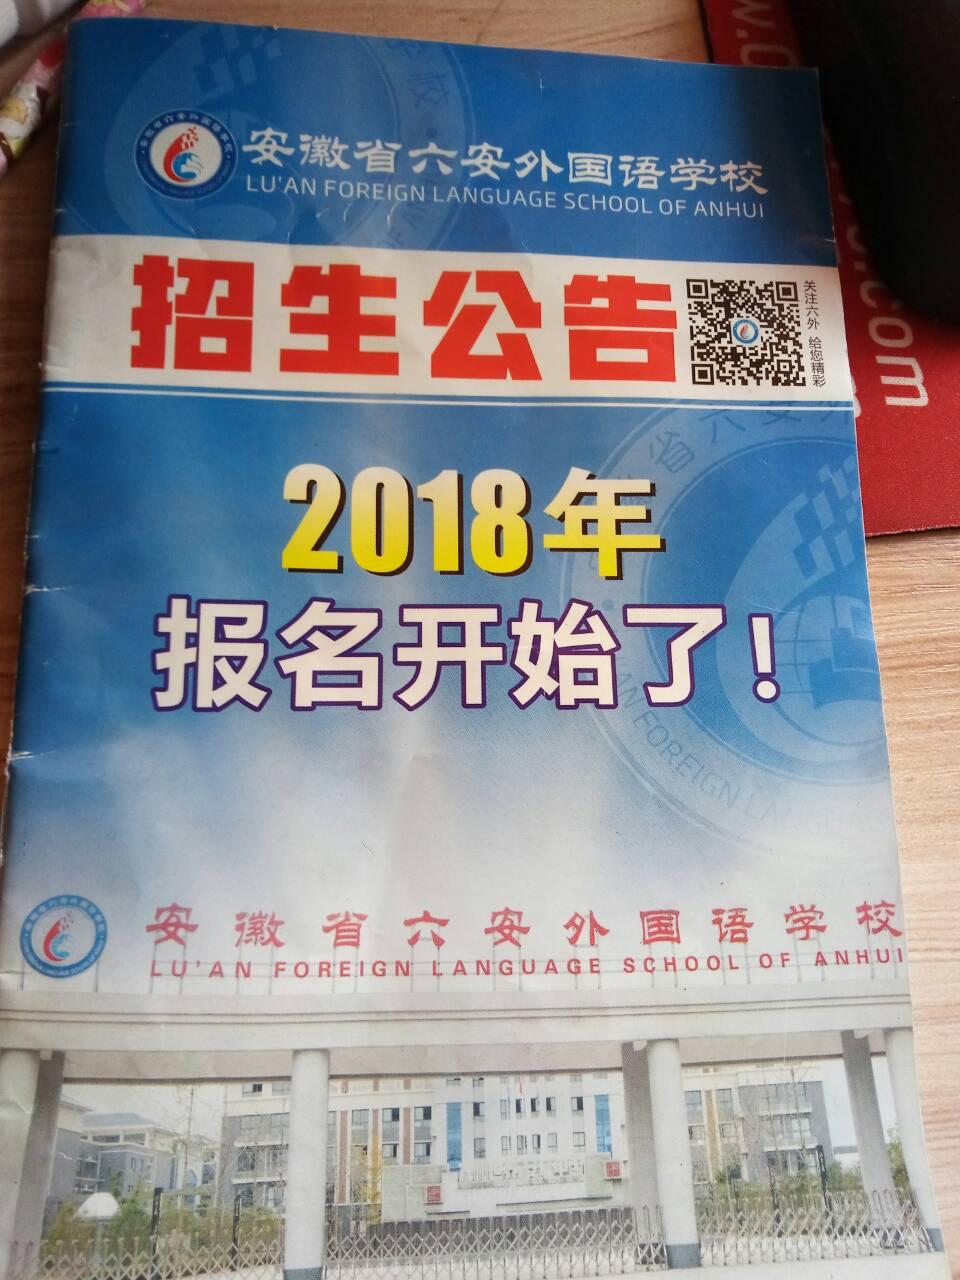 20180601_453667_1527805480737.jpg